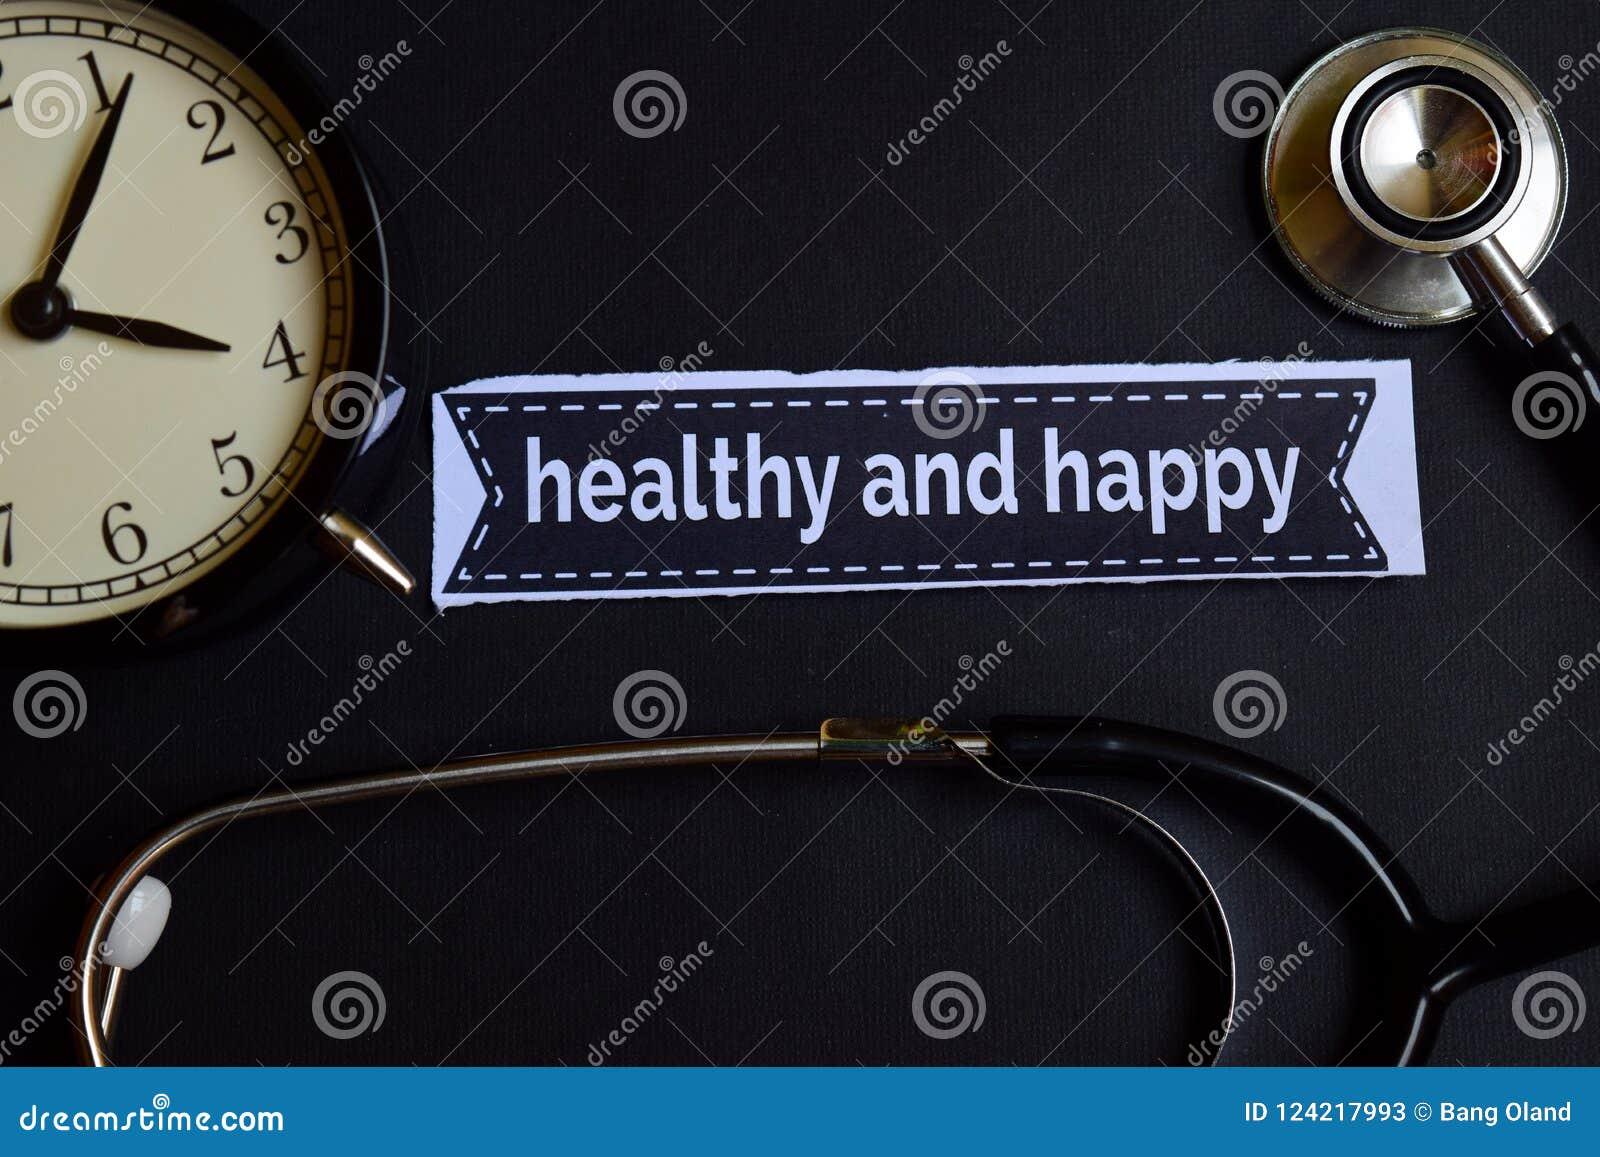 Sano y feliz en el papel de la impresión con la inspiración del concepto de la atención sanitaria despertador, estetoscopio negro